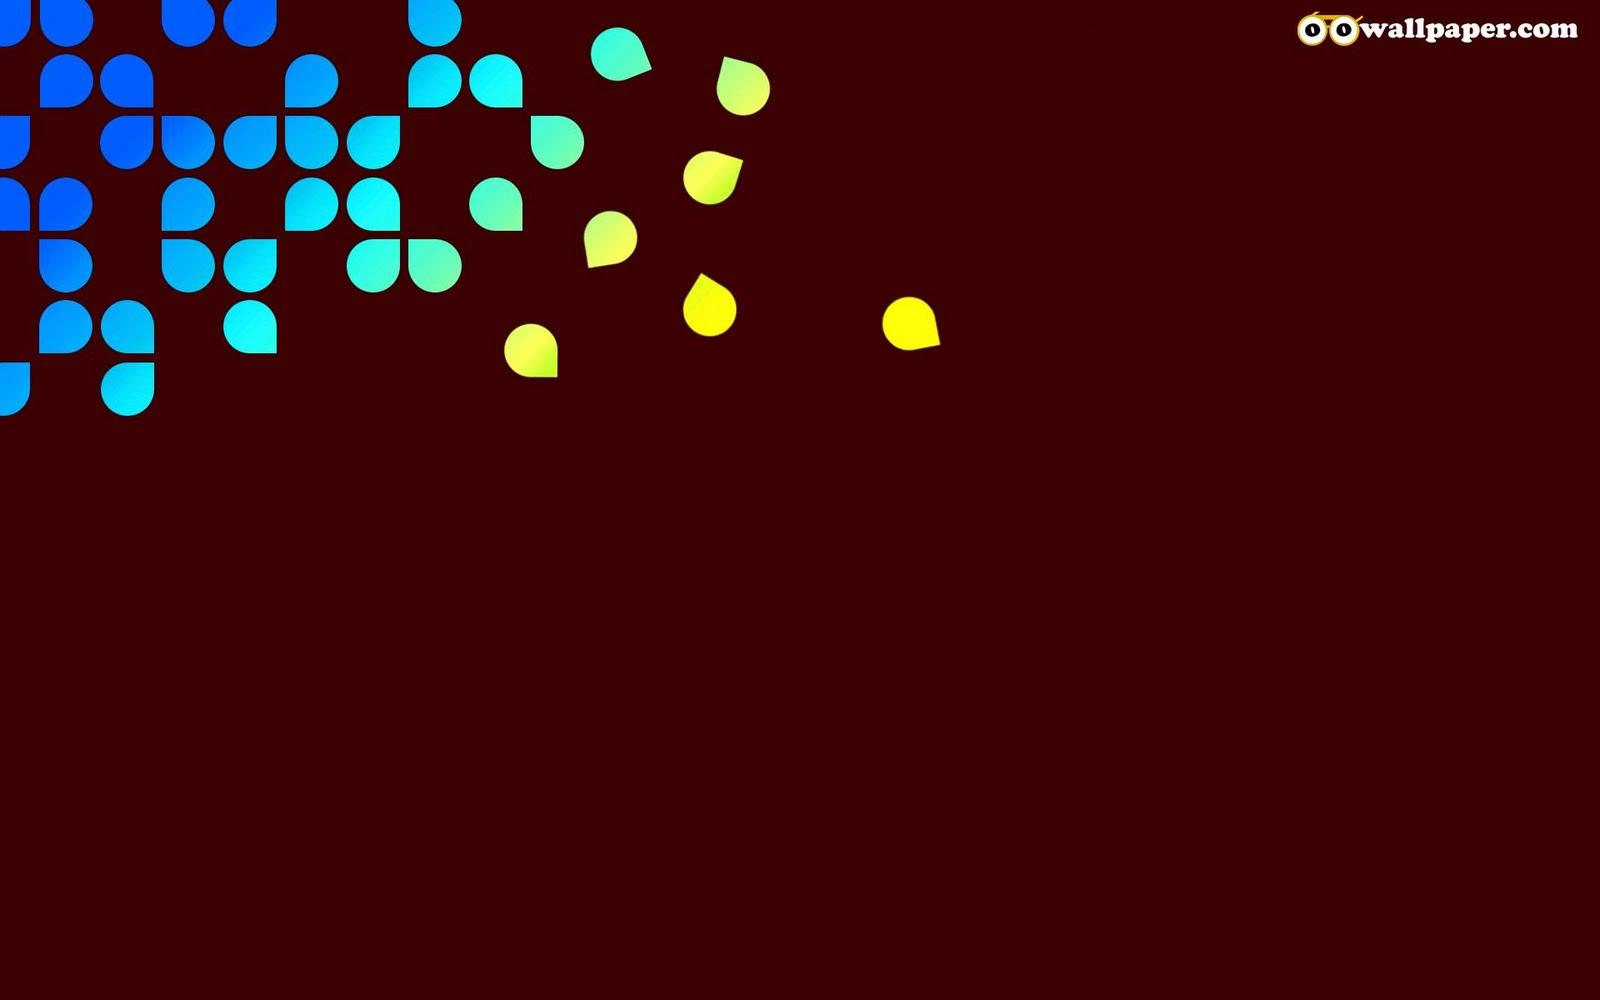 http://2.bp.blogspot.com/-tBeljYYxX6Q/Twm7KewqaZI/AAAAAAAAA9E/KV8RrYBDv50/s1600/oo_Colorful+13.jpg